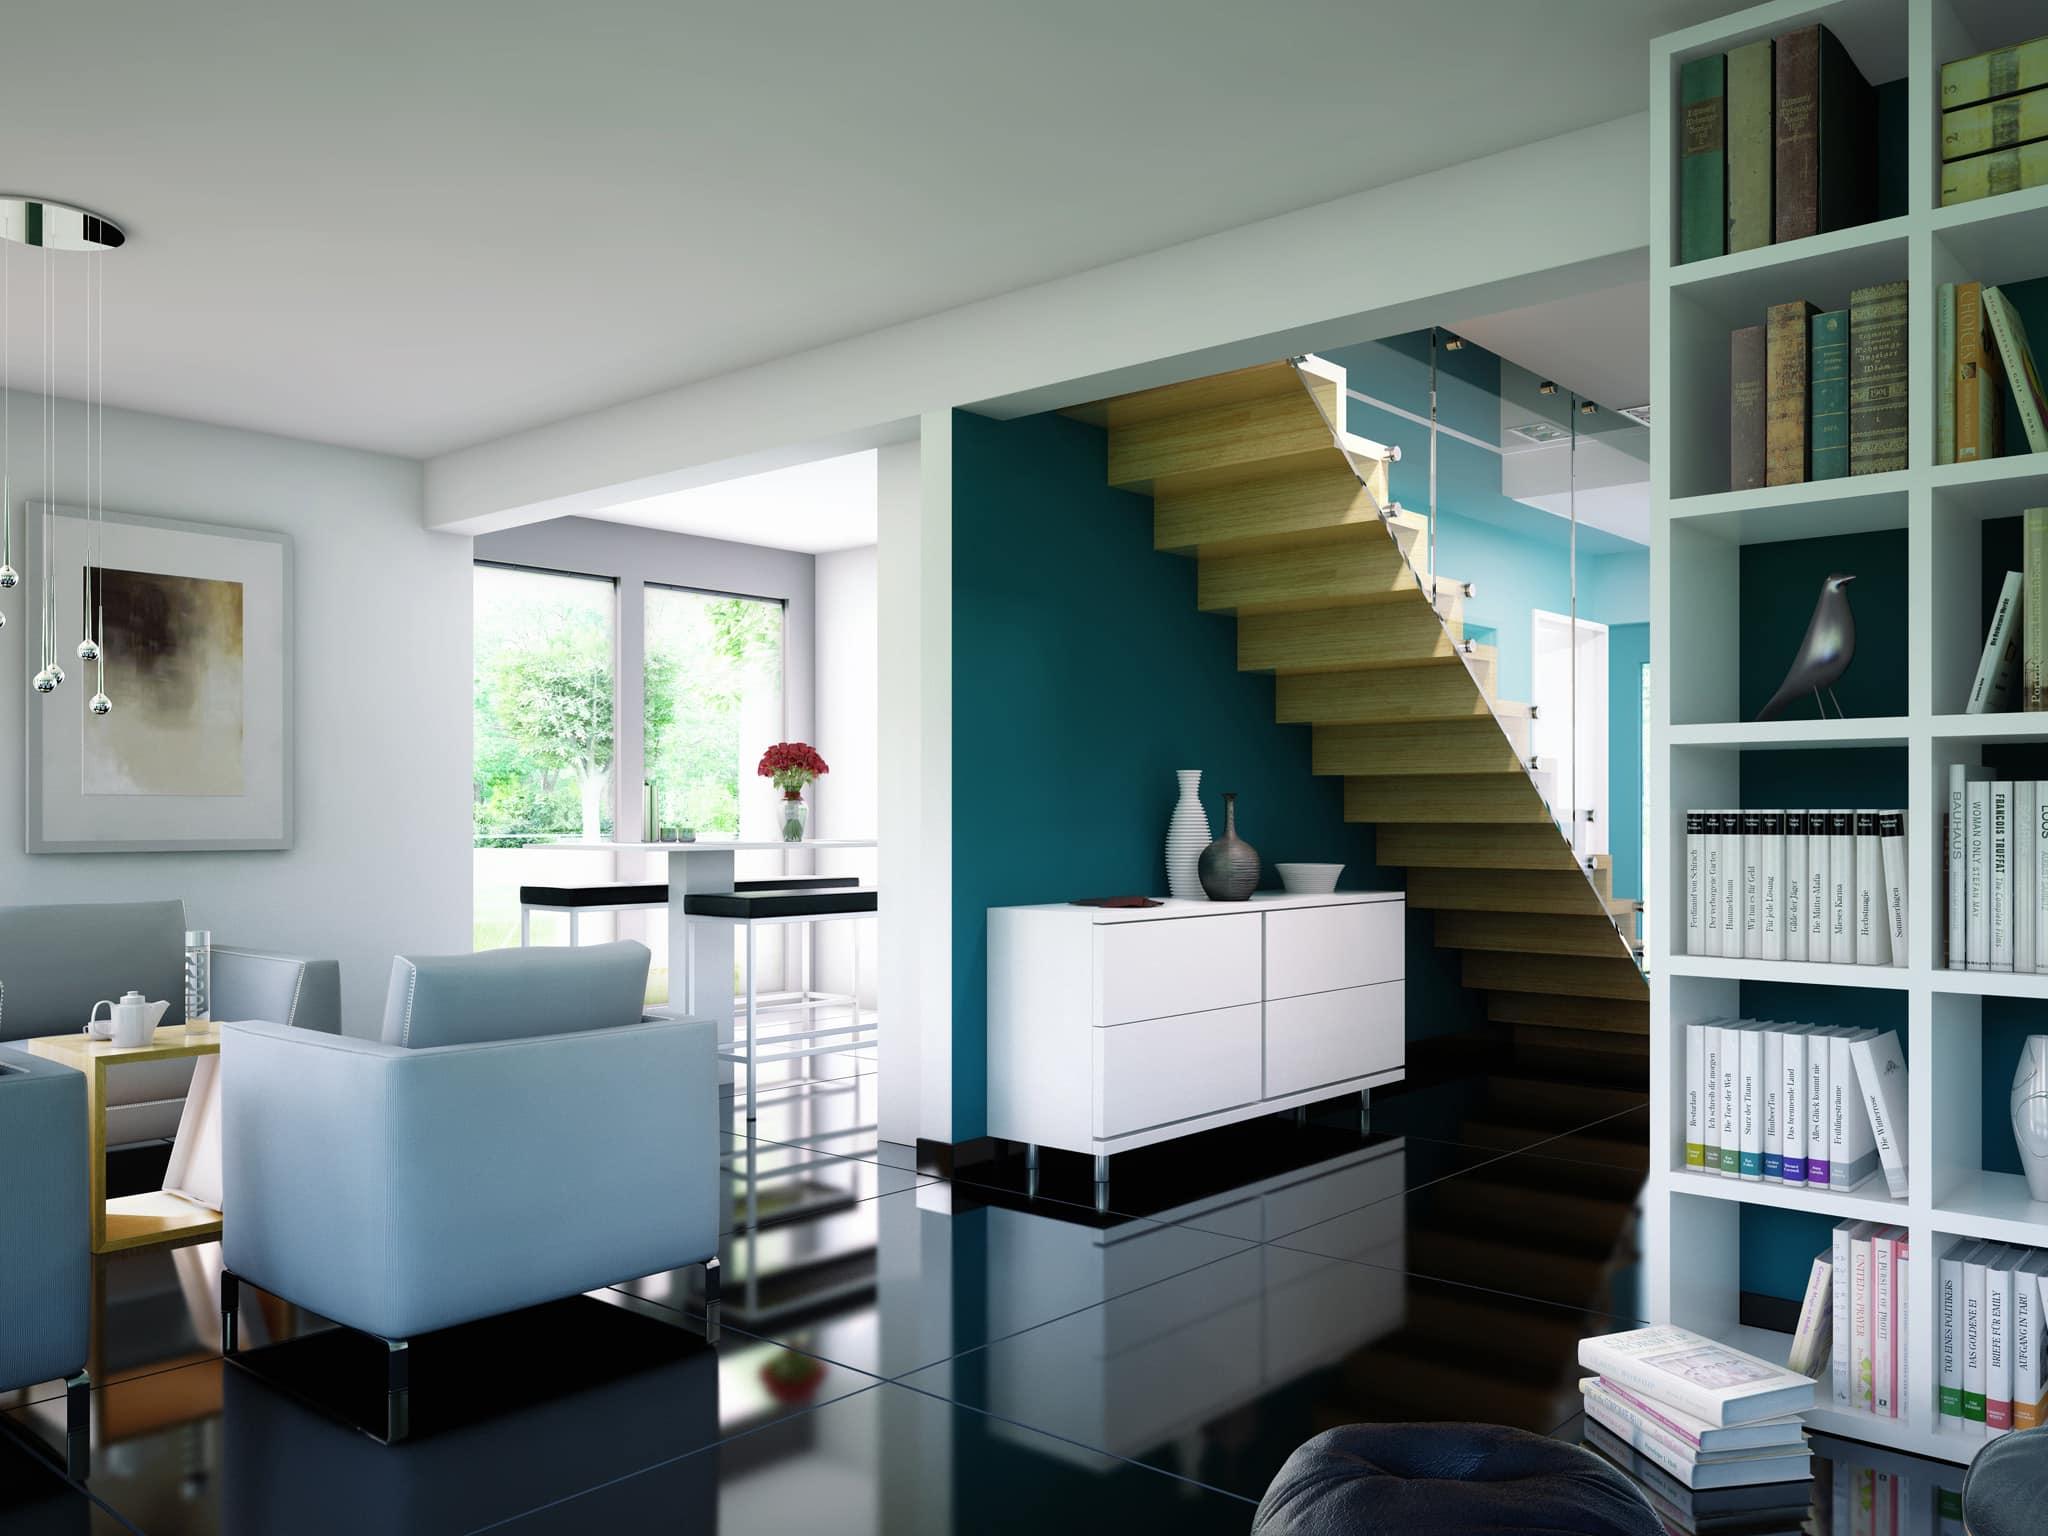 Modernes Wohnzimmer offen mit gerader Treppe - Wohnideen Inneneinrichtung Haus Bien Zenker Einfamilienhaus EVOLUTION 134 V6 - HausbauDirekt.de